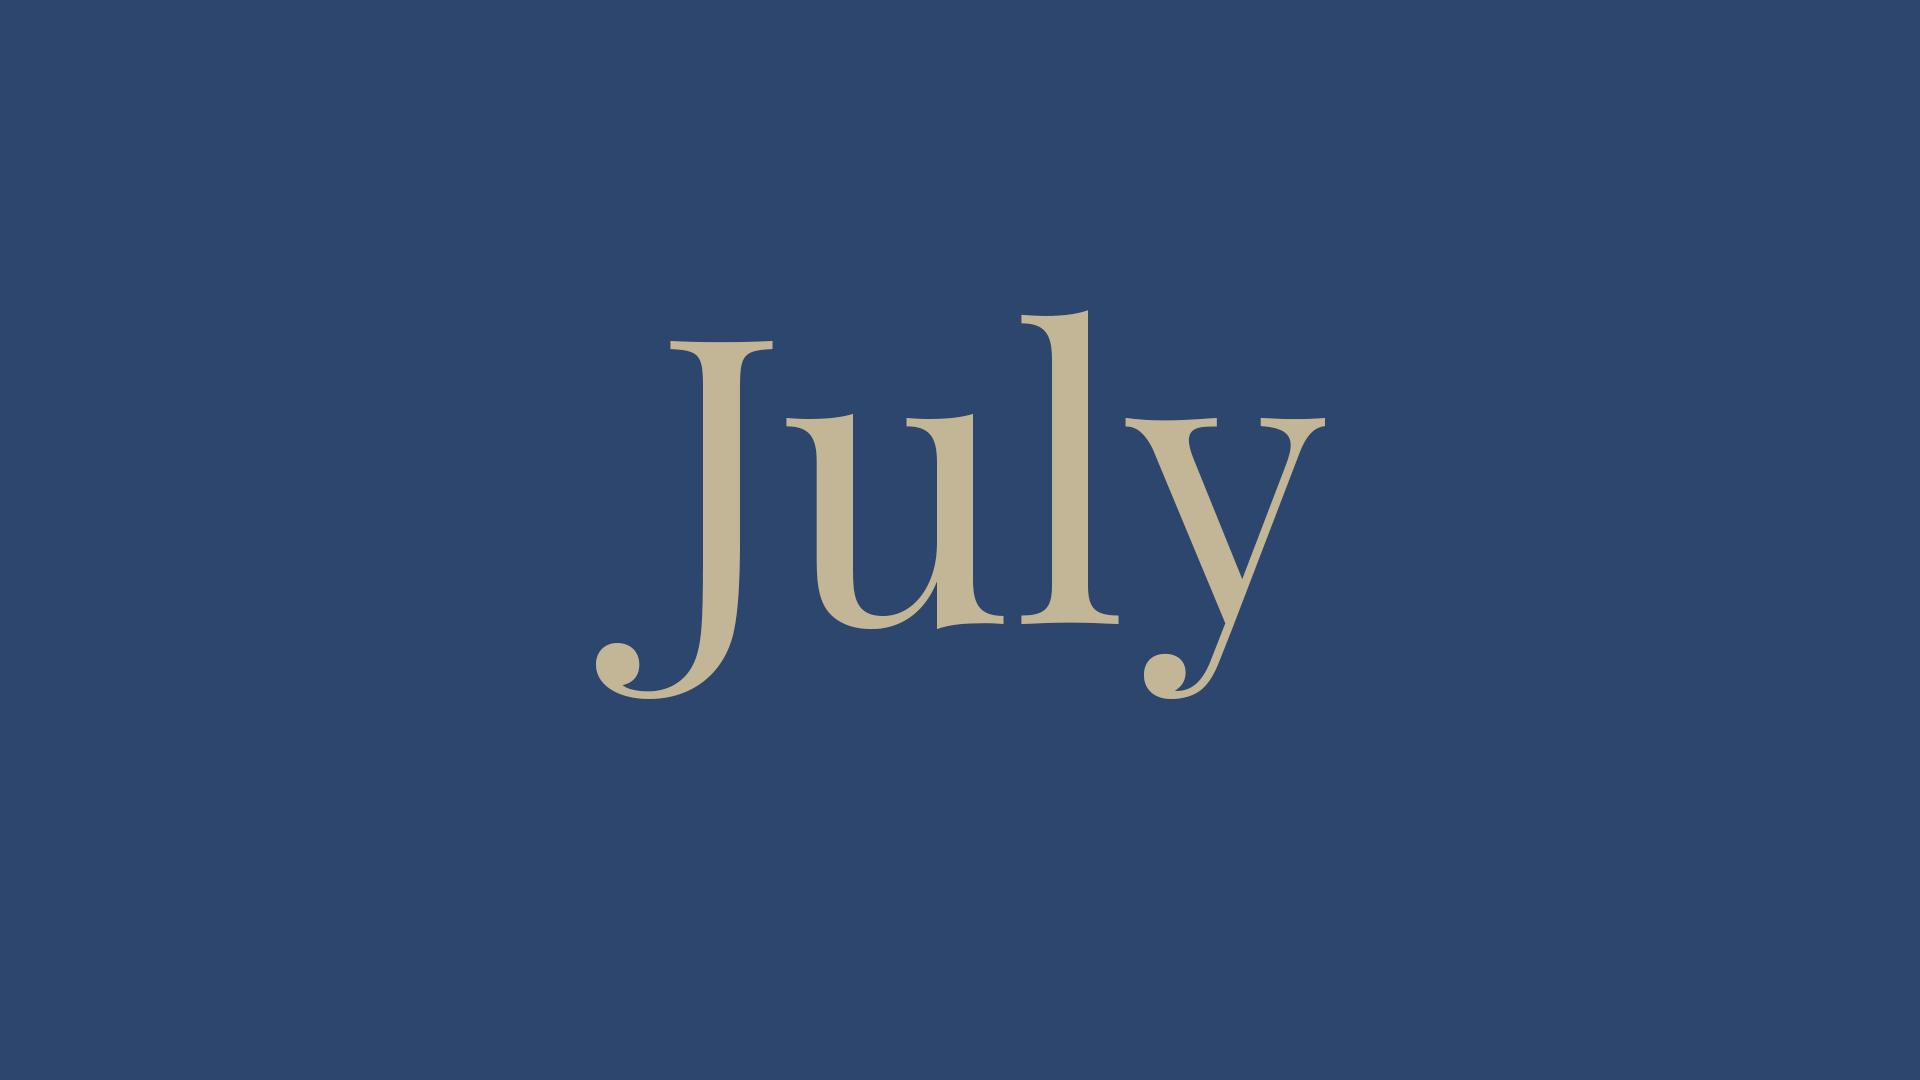 July '21